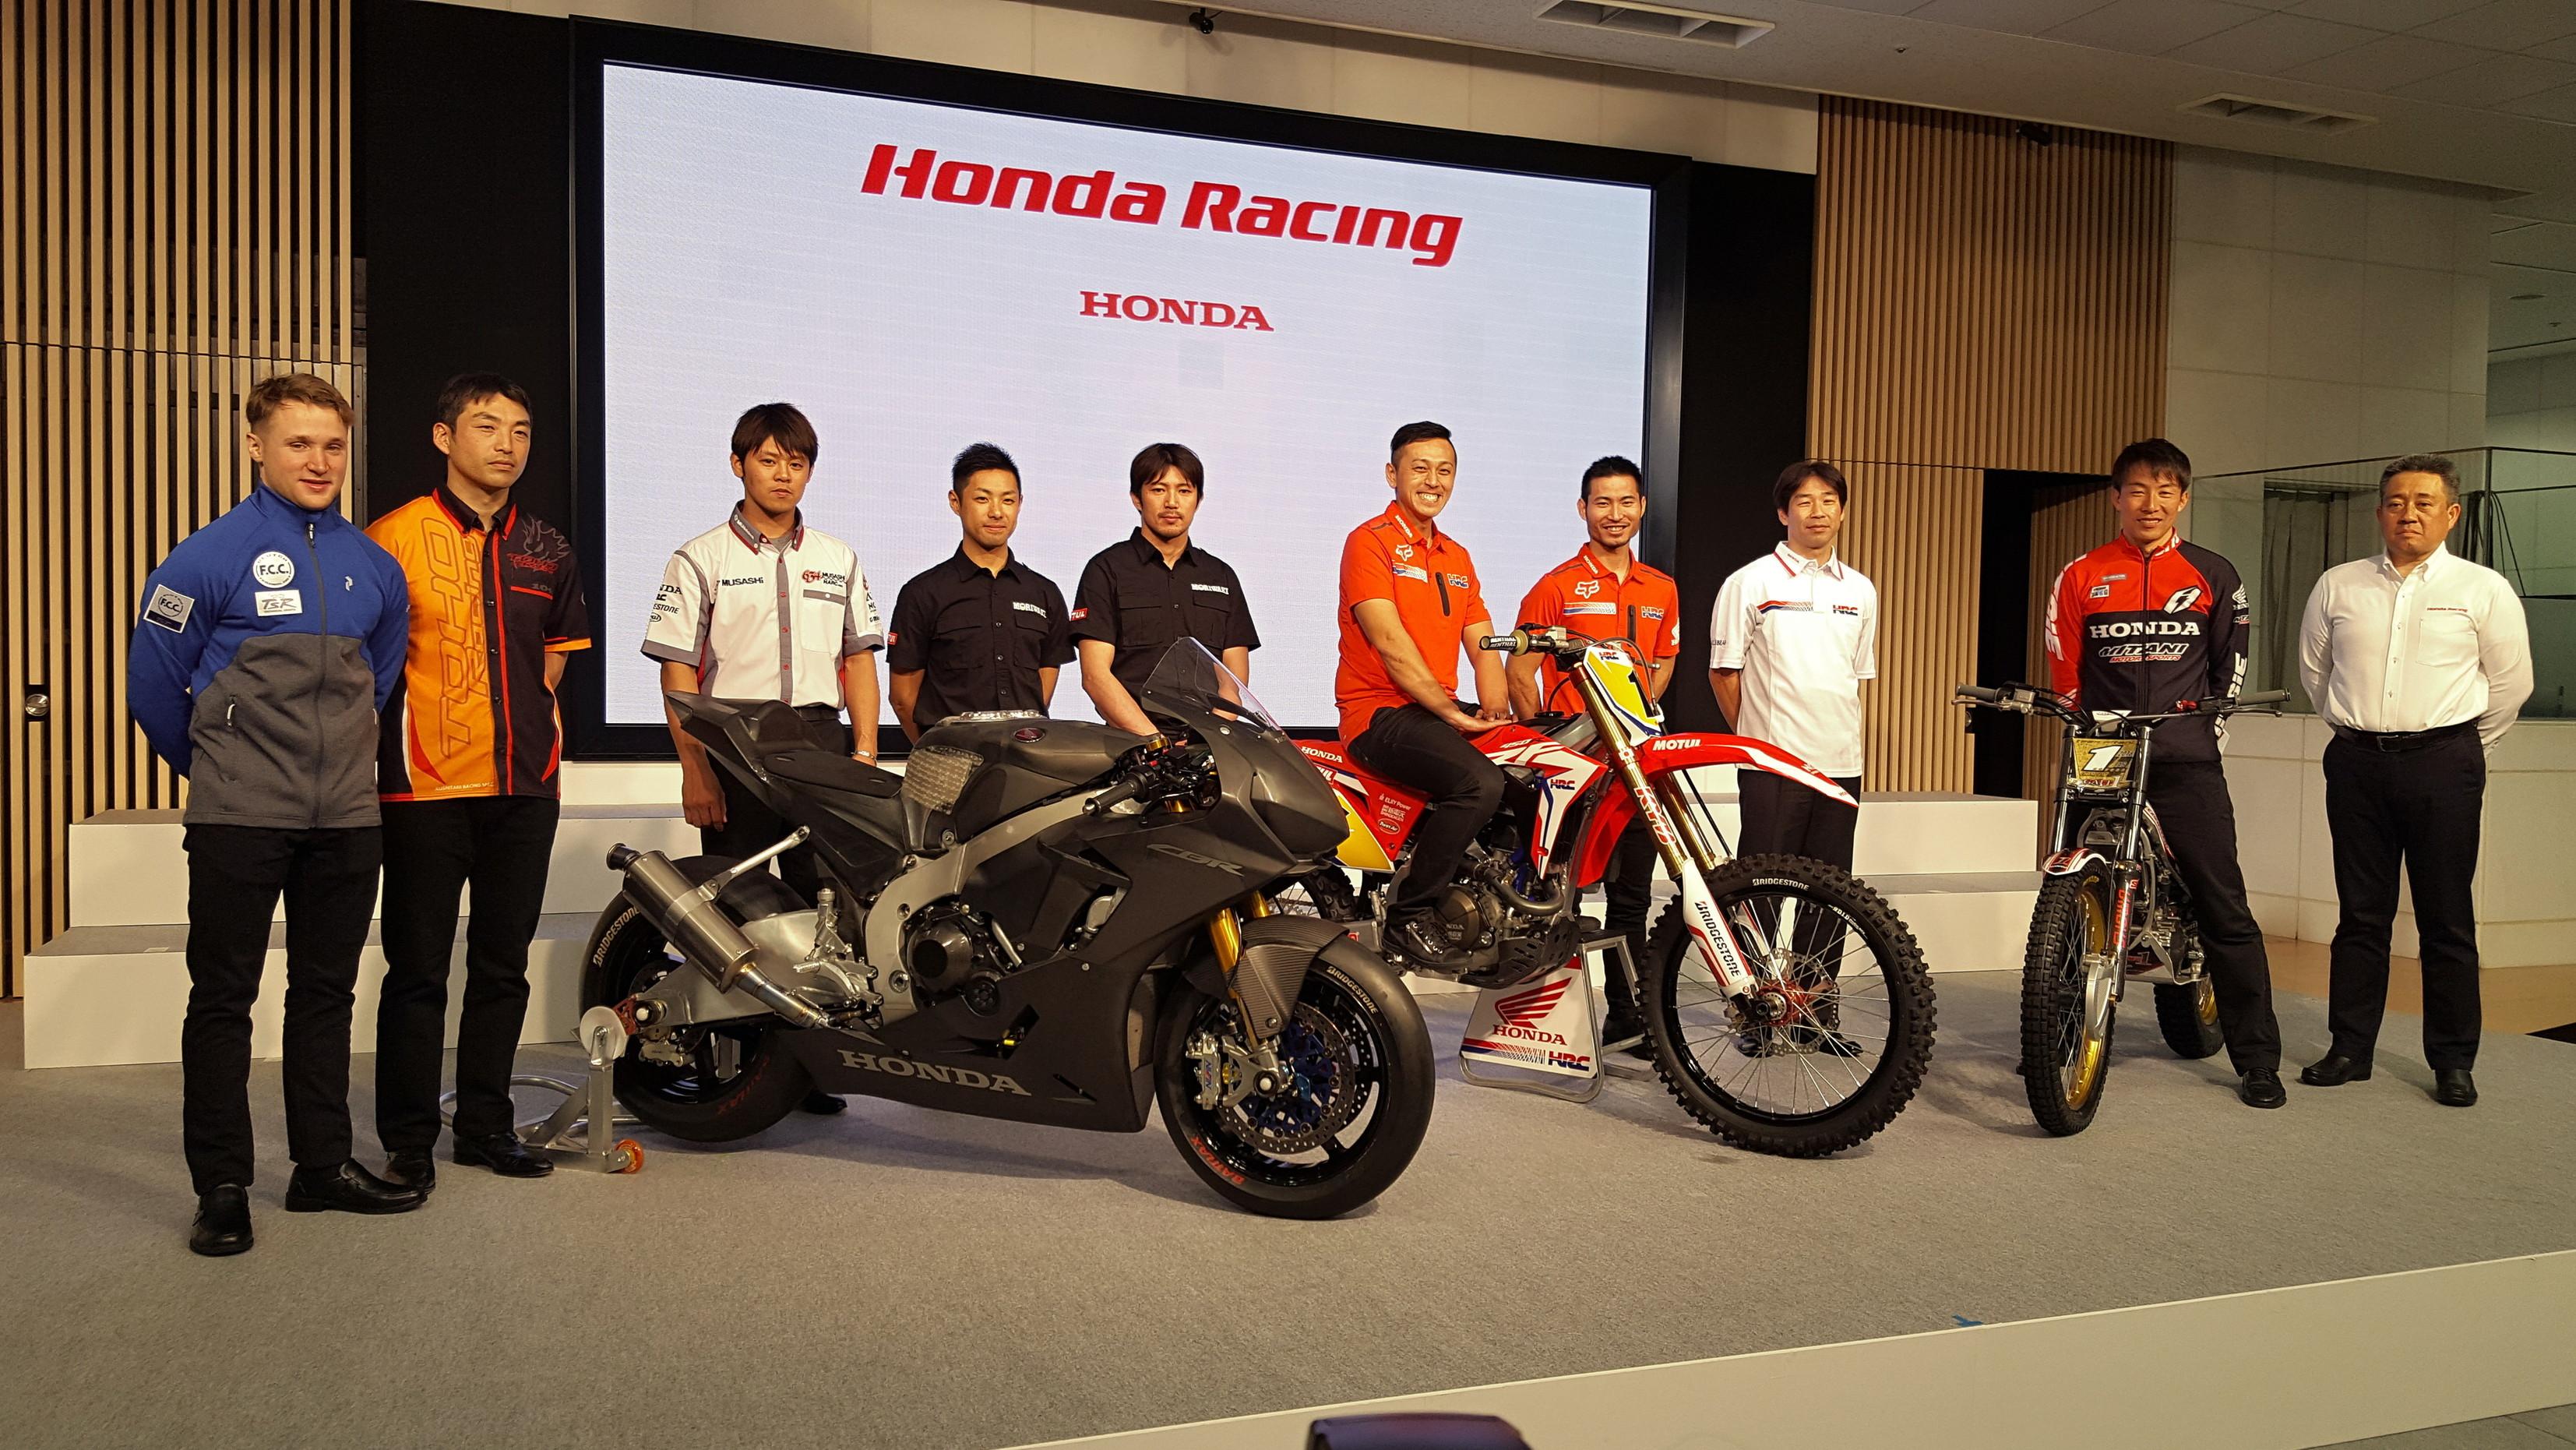 2017年 HONDA 国内モータースポーツ活動計画【2輪編】